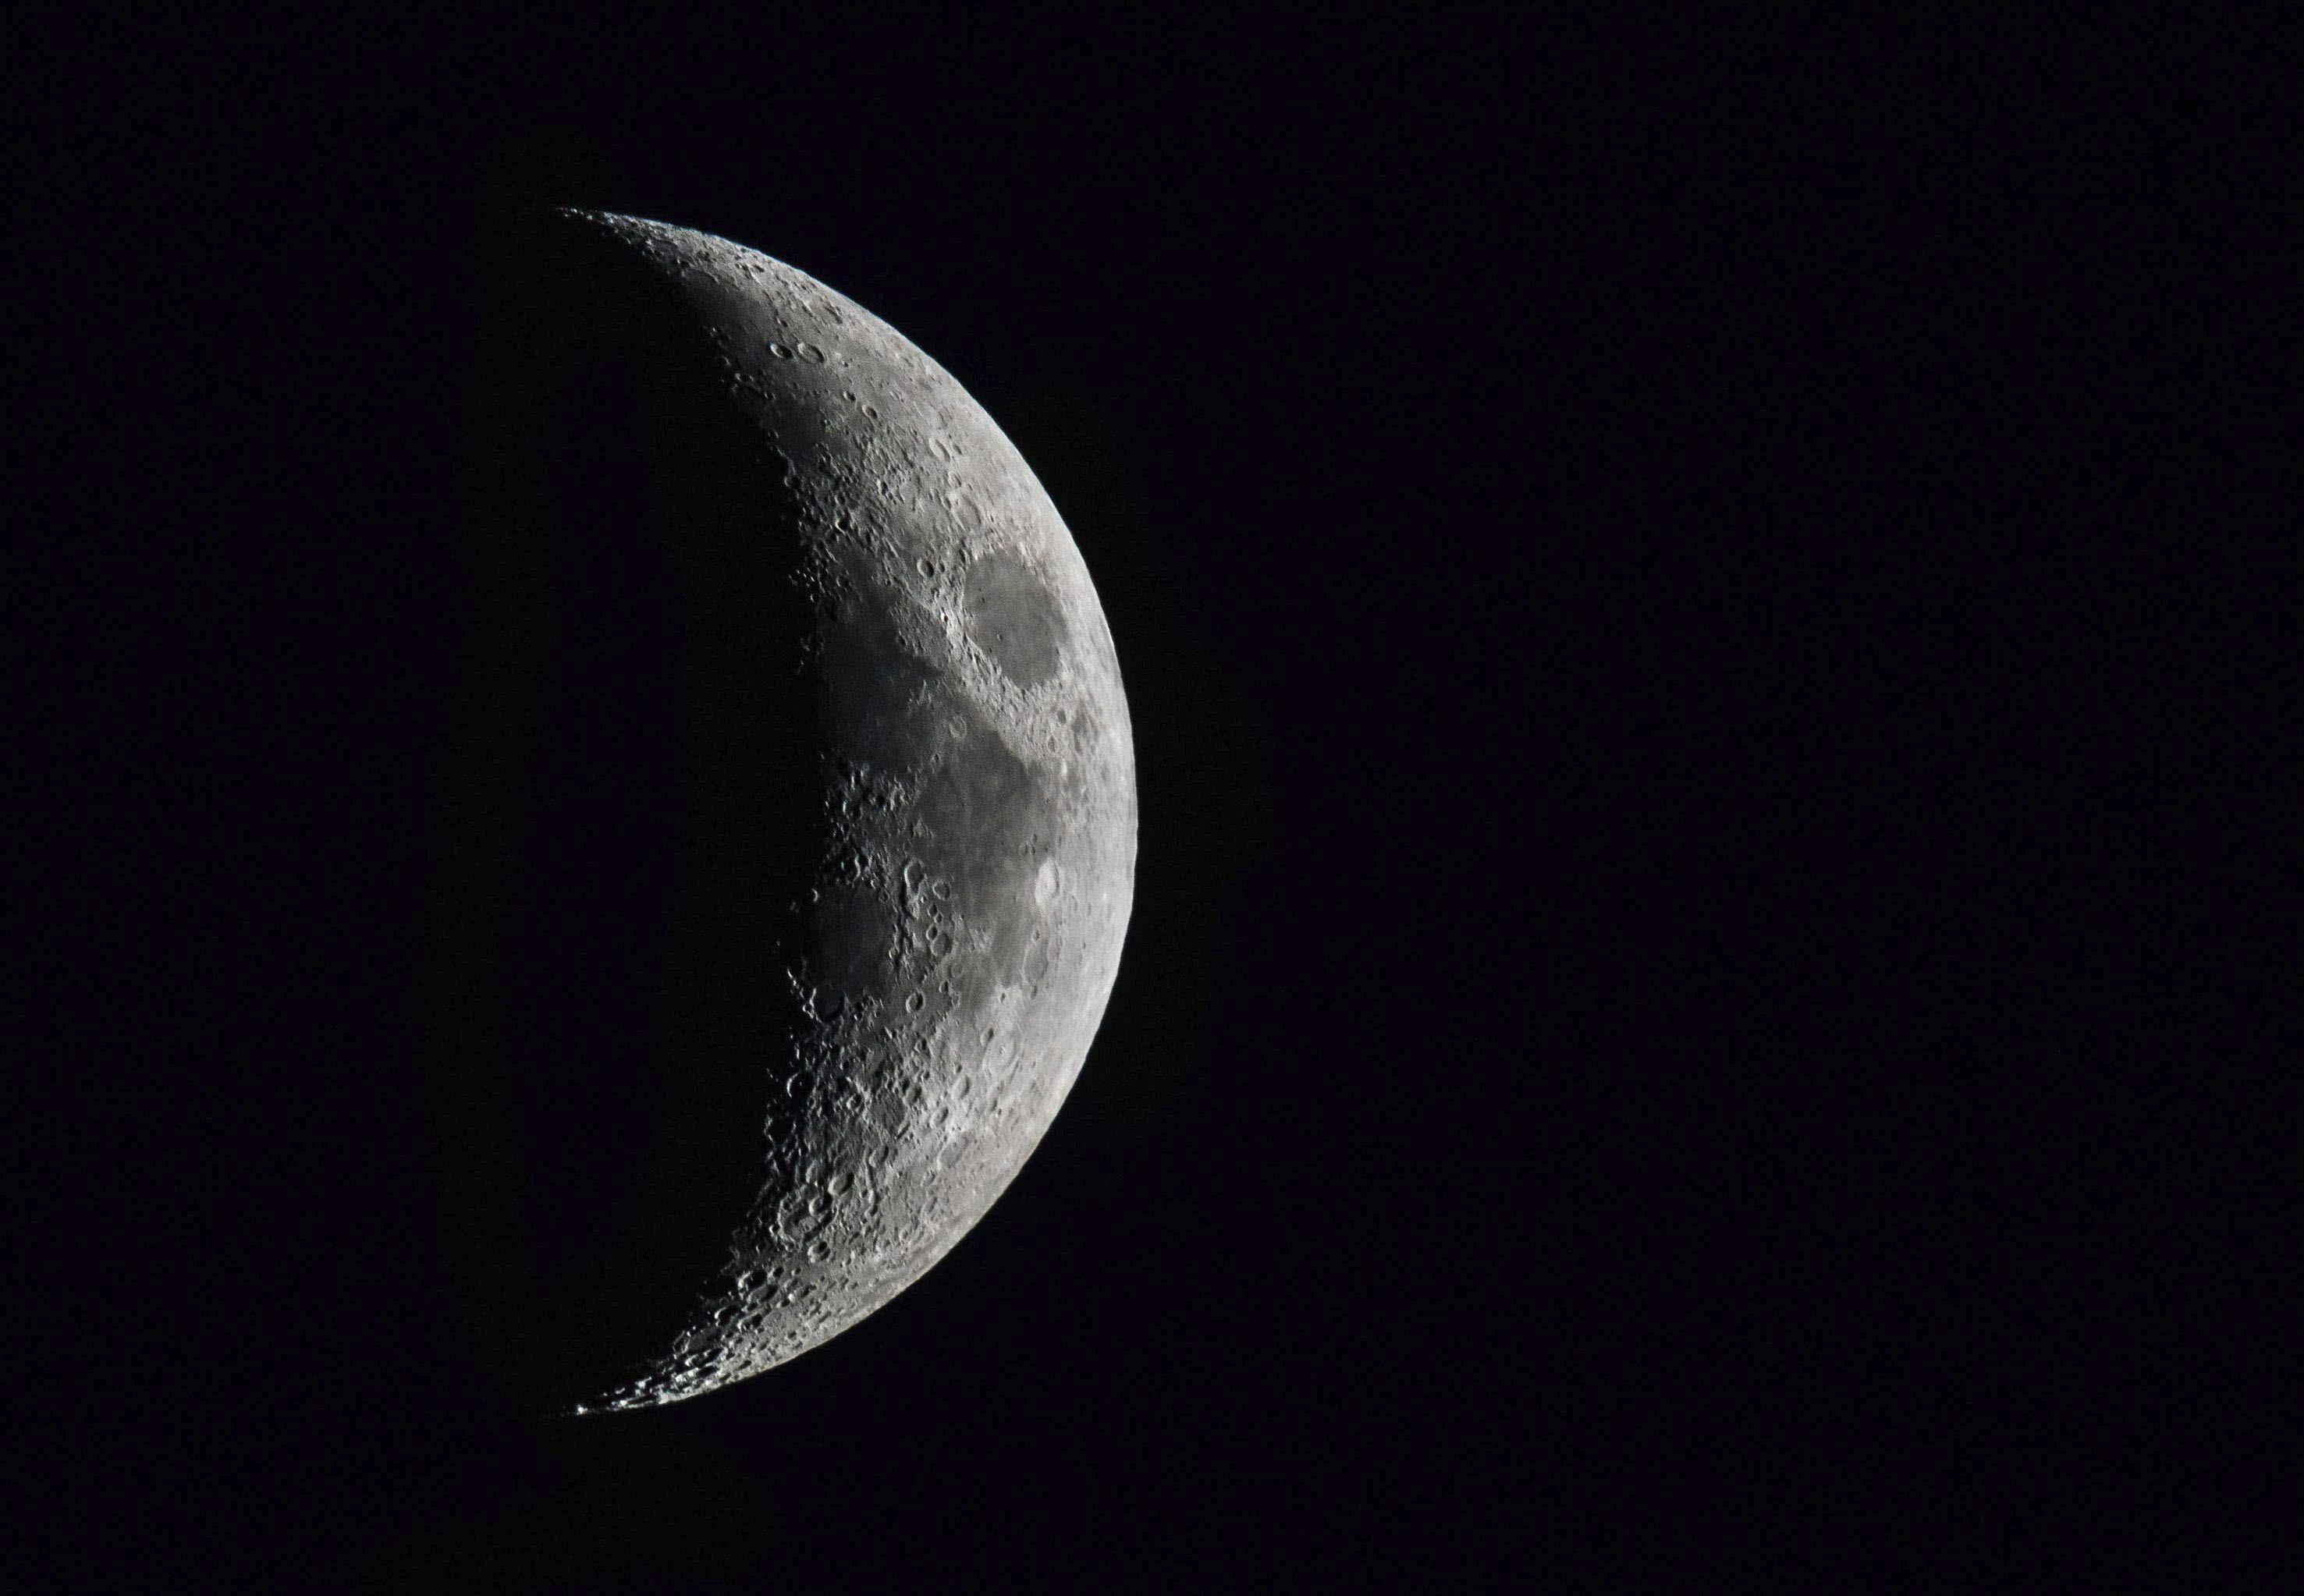 Una empresa rusa asegura que es factible construir una base en la Luna